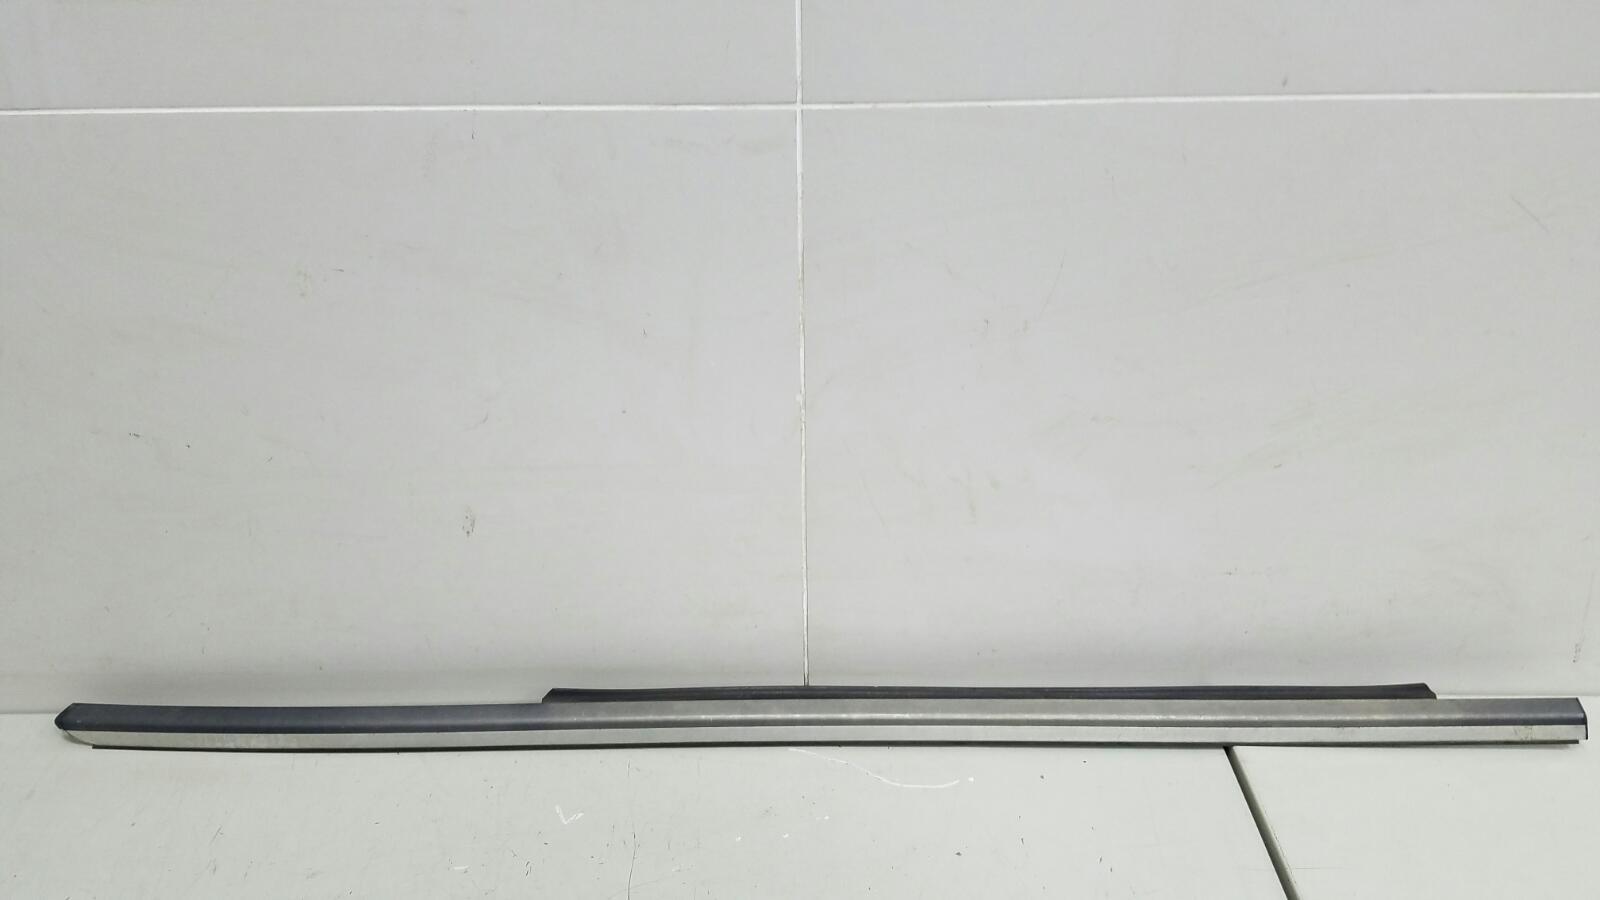 Бархотка молдинг наружний Mercedes S320 Cdi W220 OM 613.960 2000 передняя